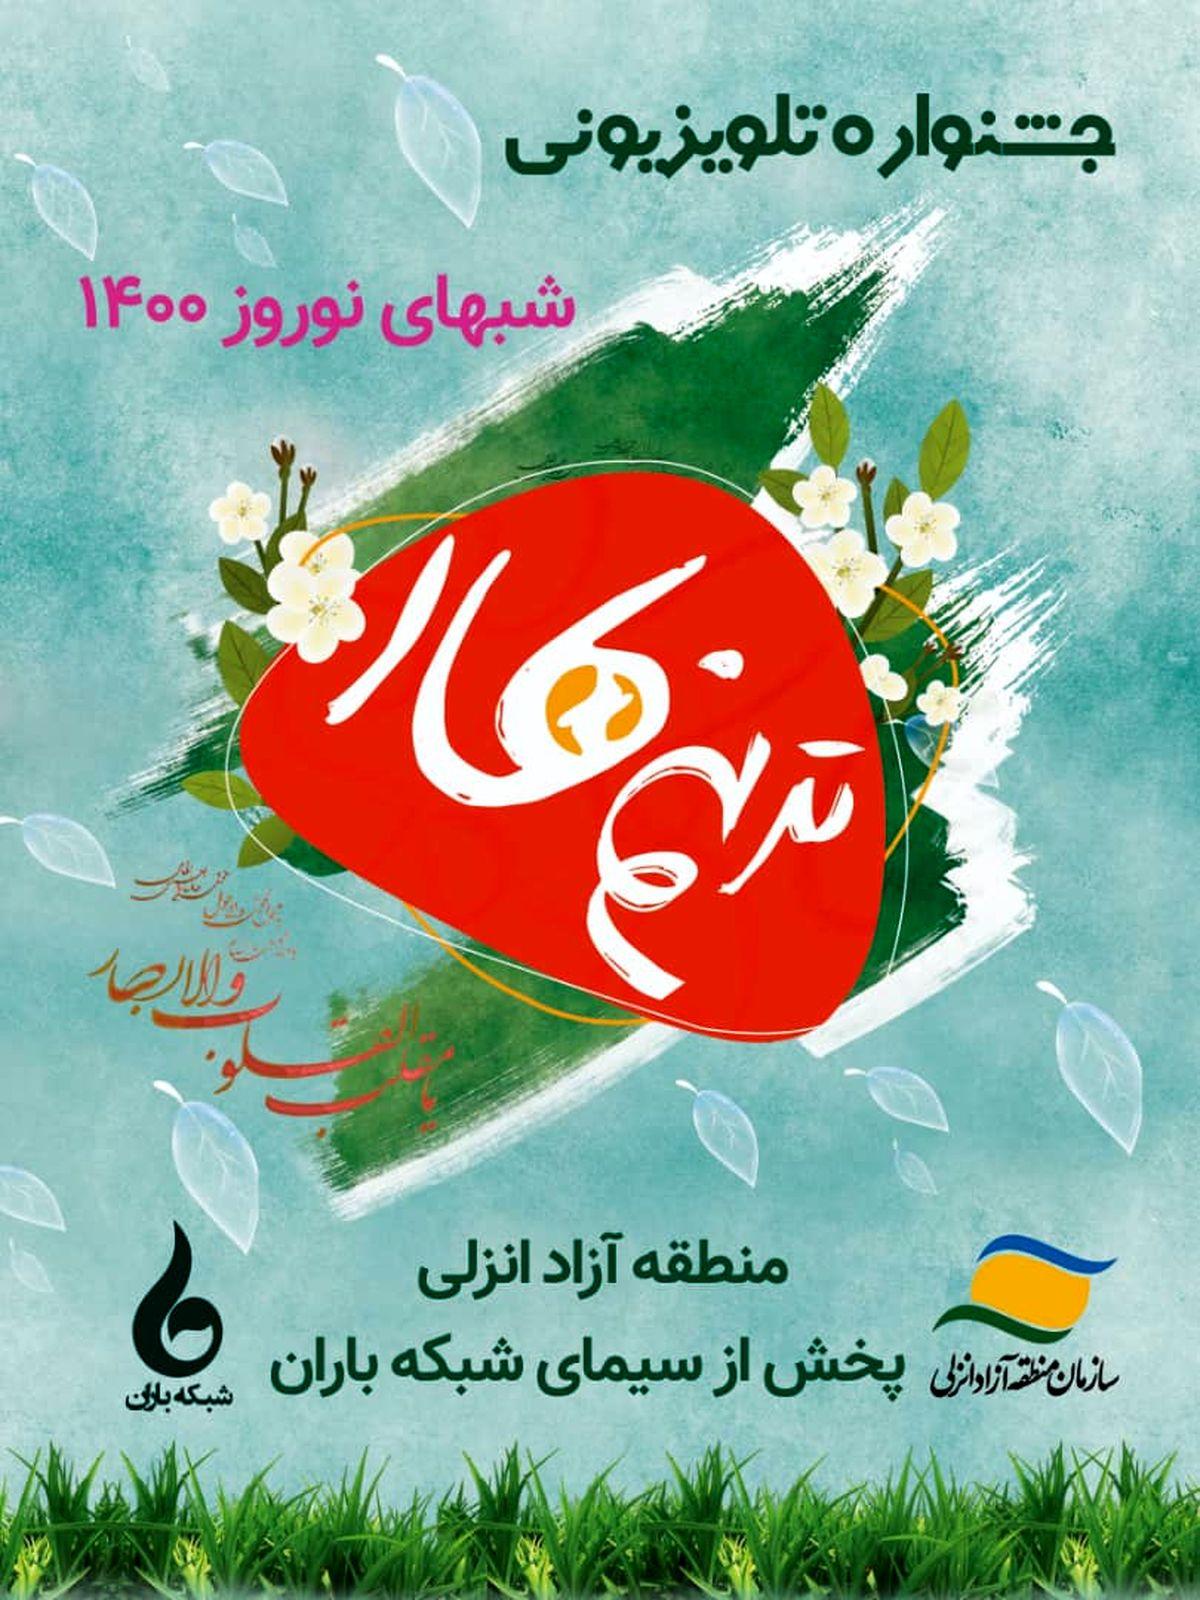 بهاریه منطقه آزاد انزلی با جشنواره تلویزیونی ترنم بهار